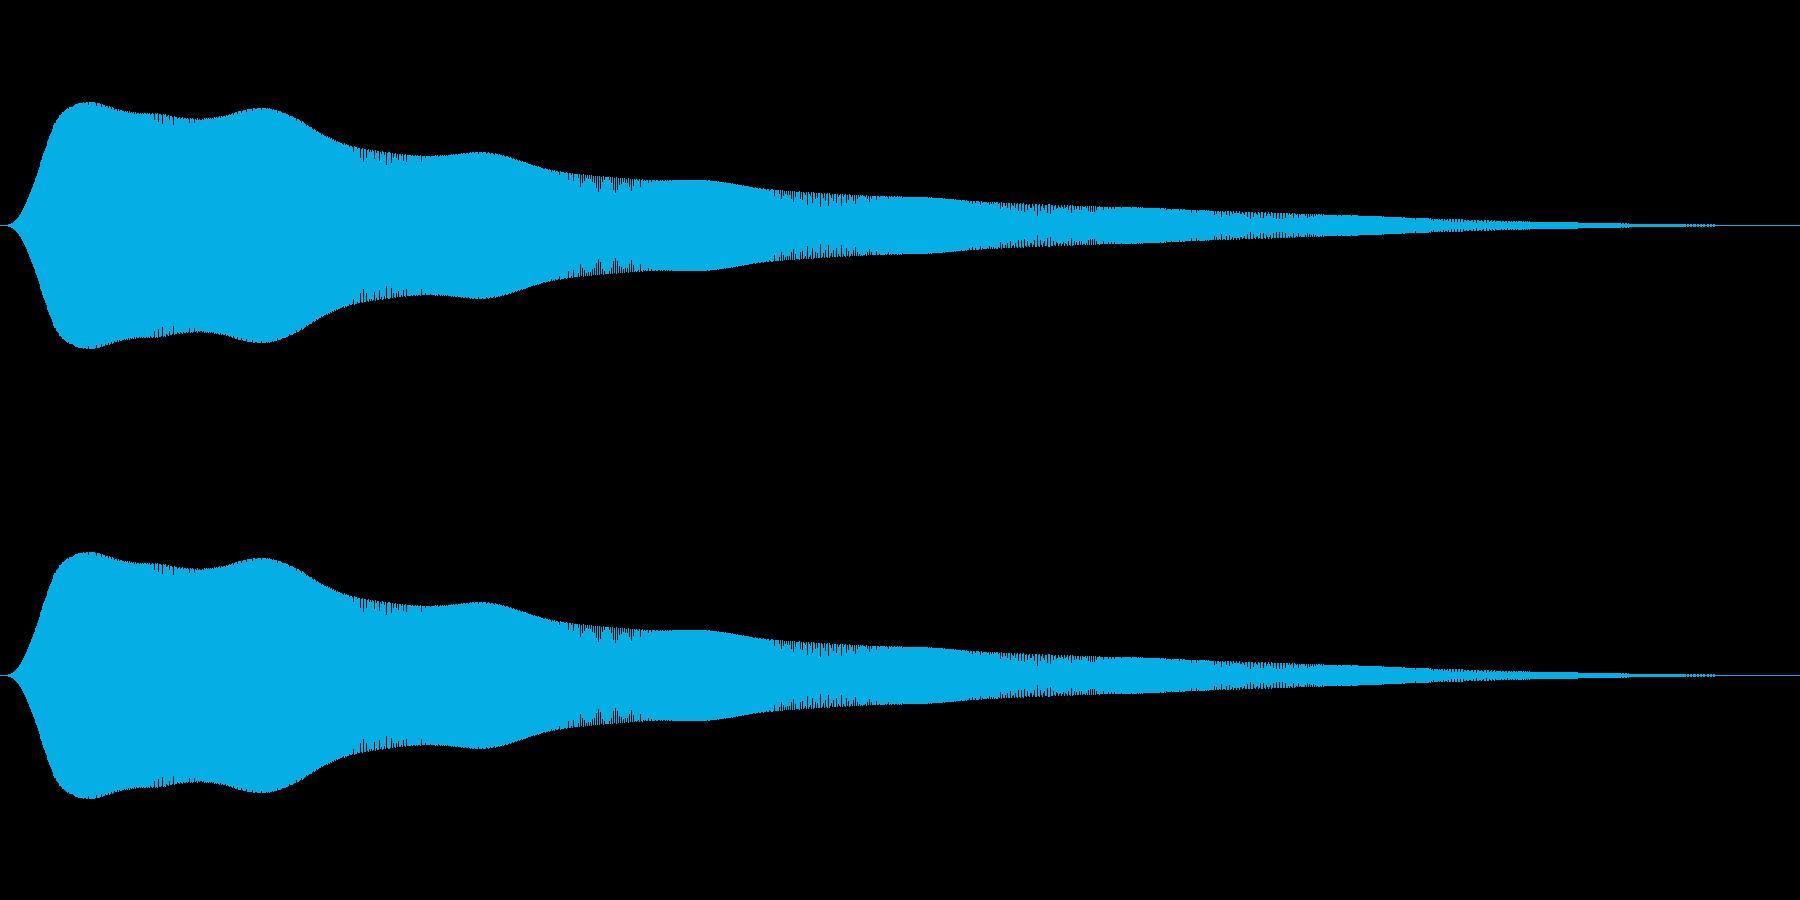 クイズ不正解音1の再生済みの波形